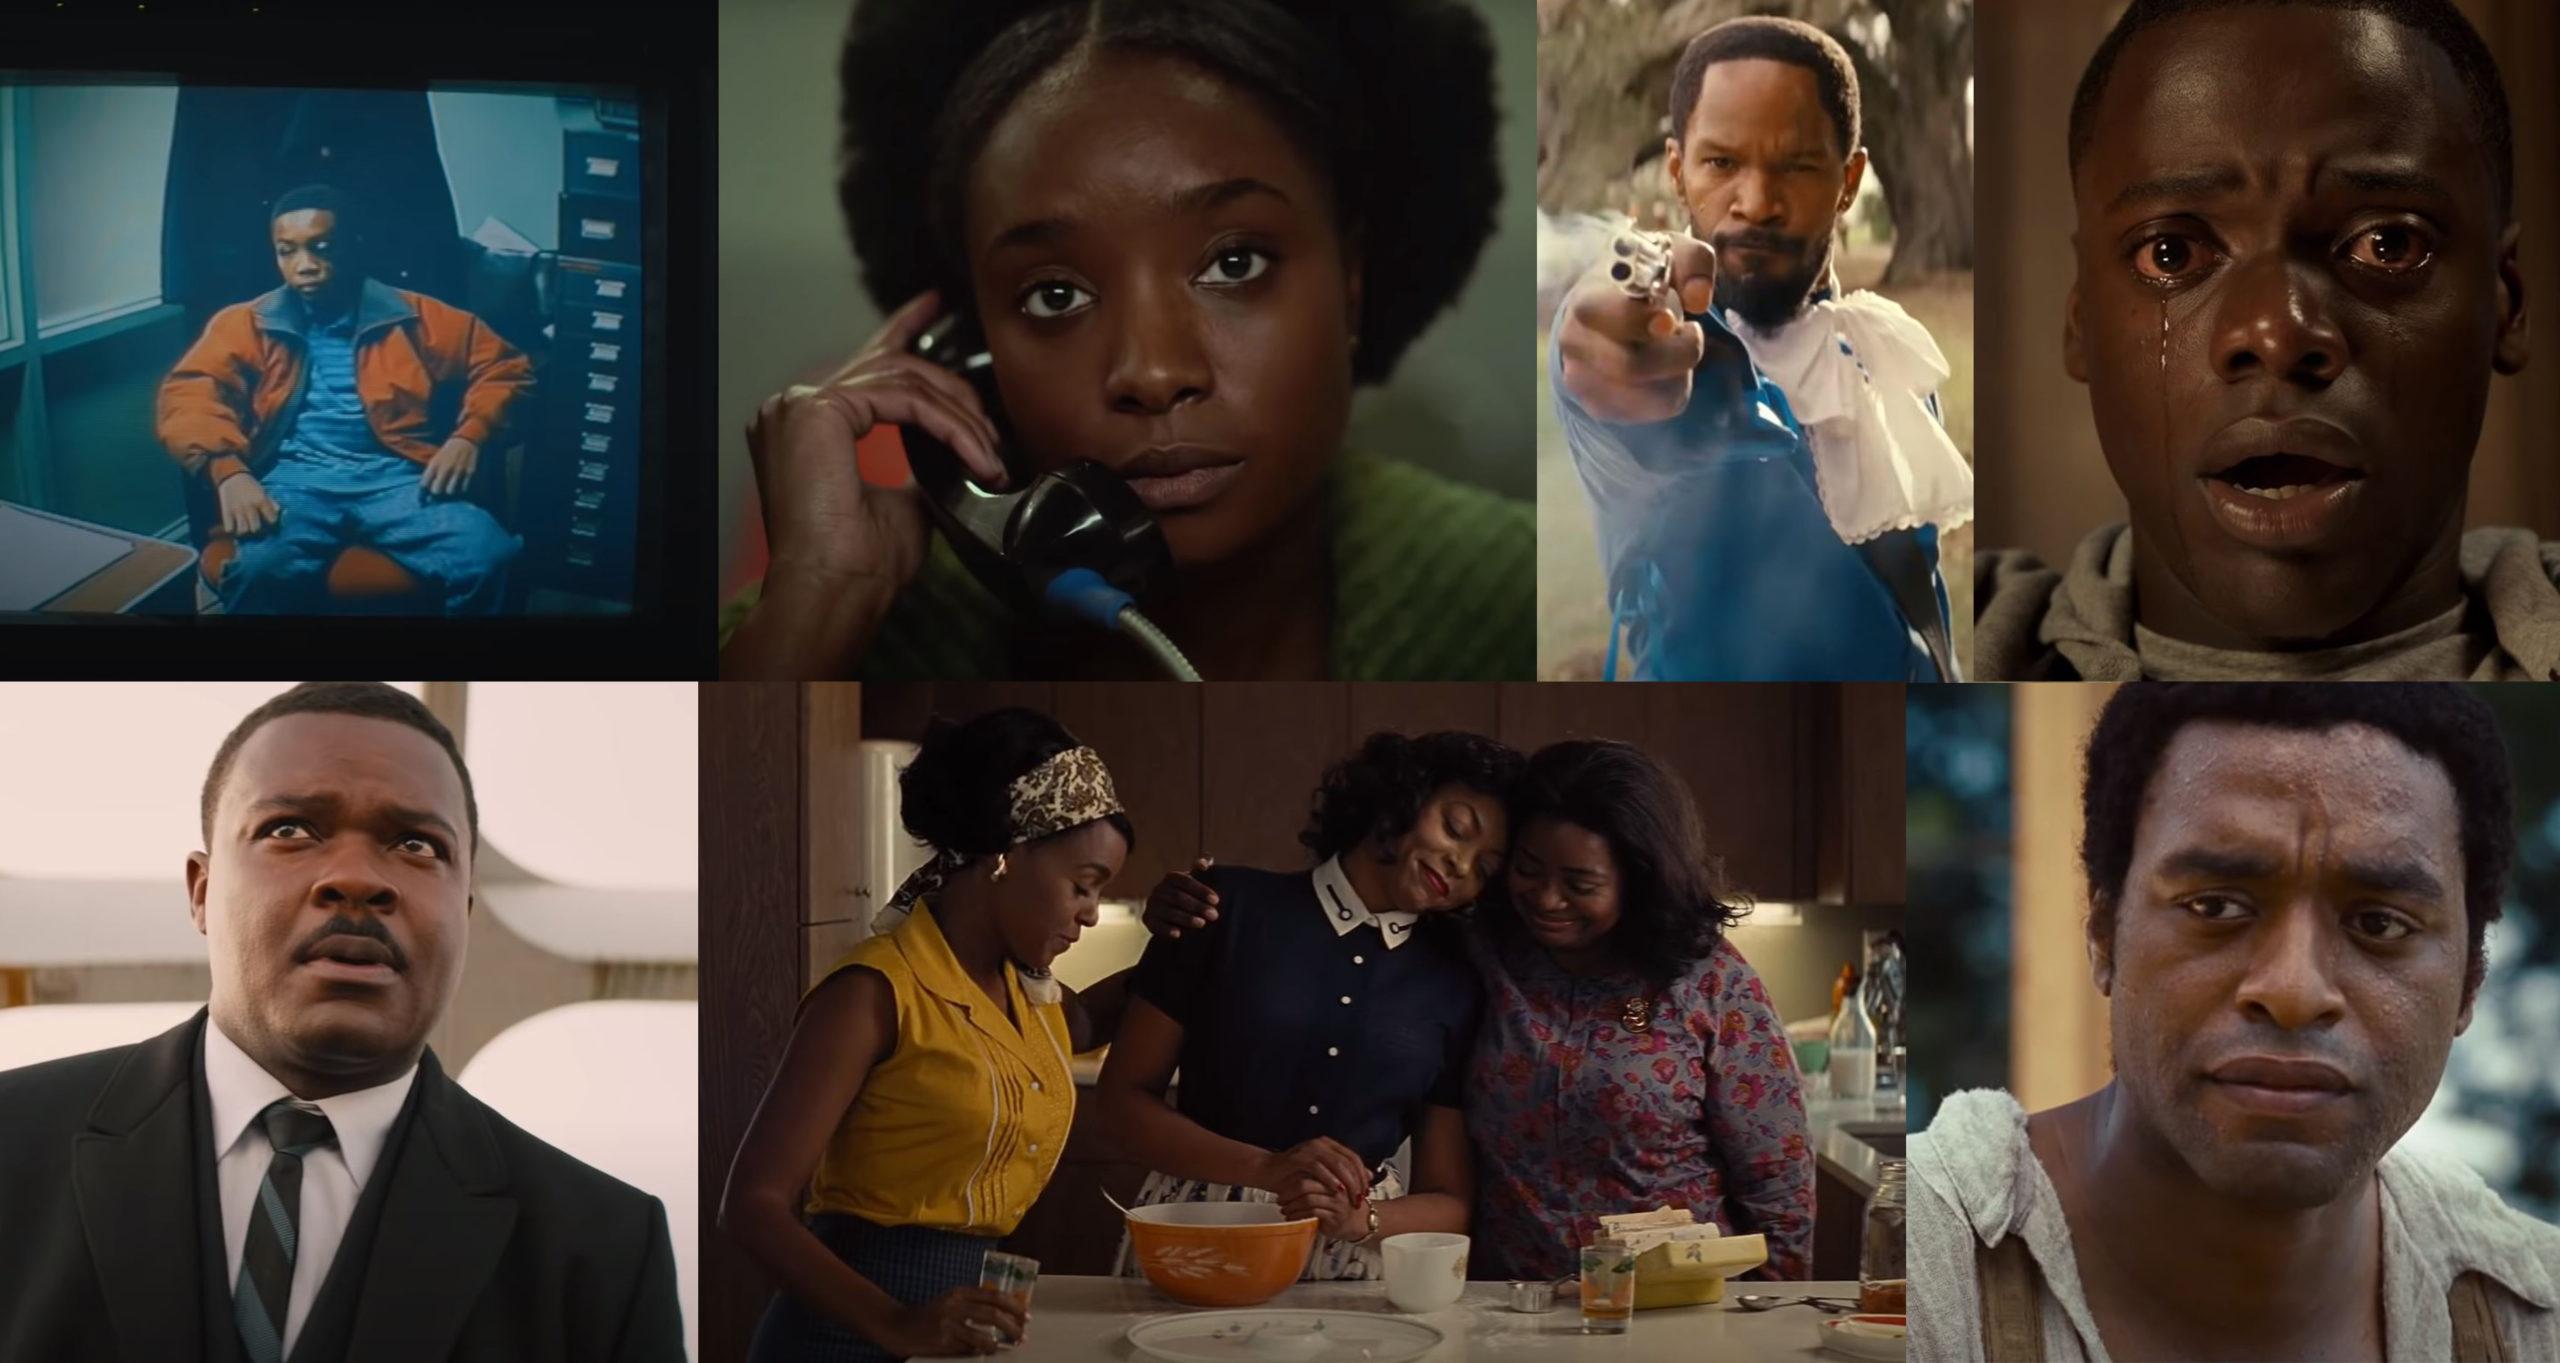 Filme über Rassismus